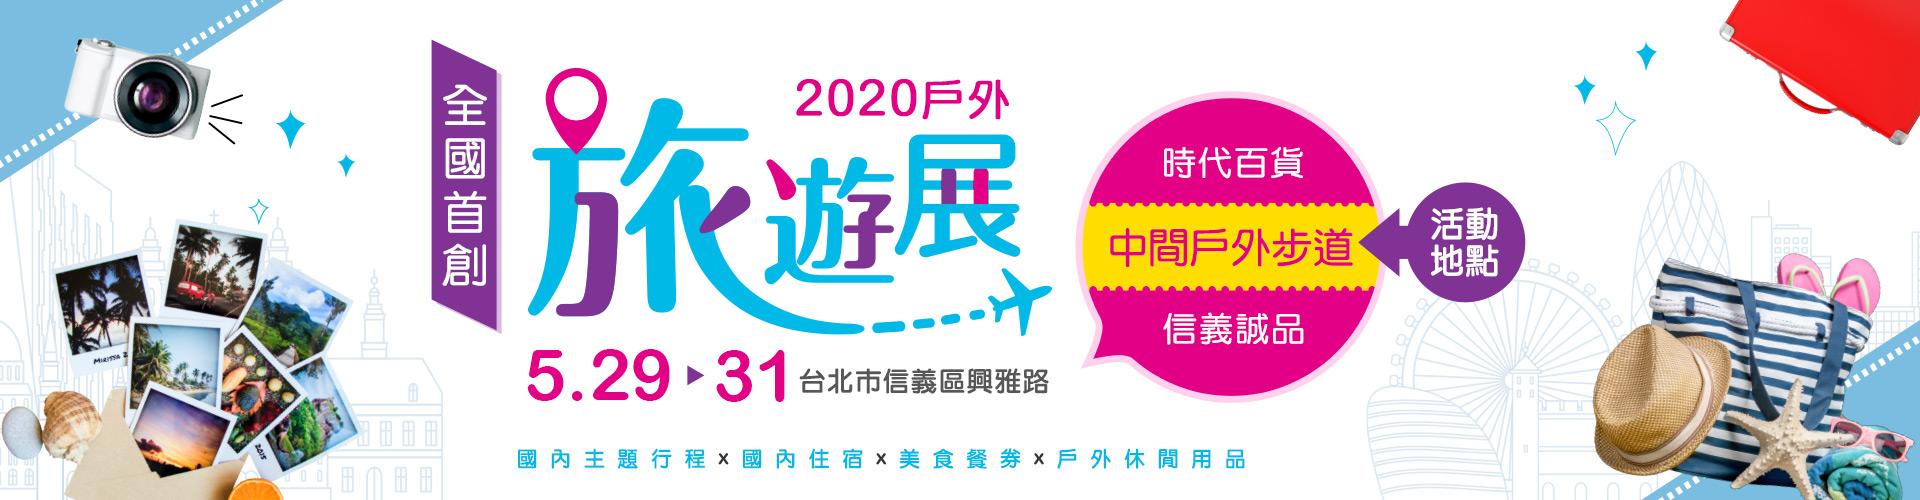 2020戶外旅遊展